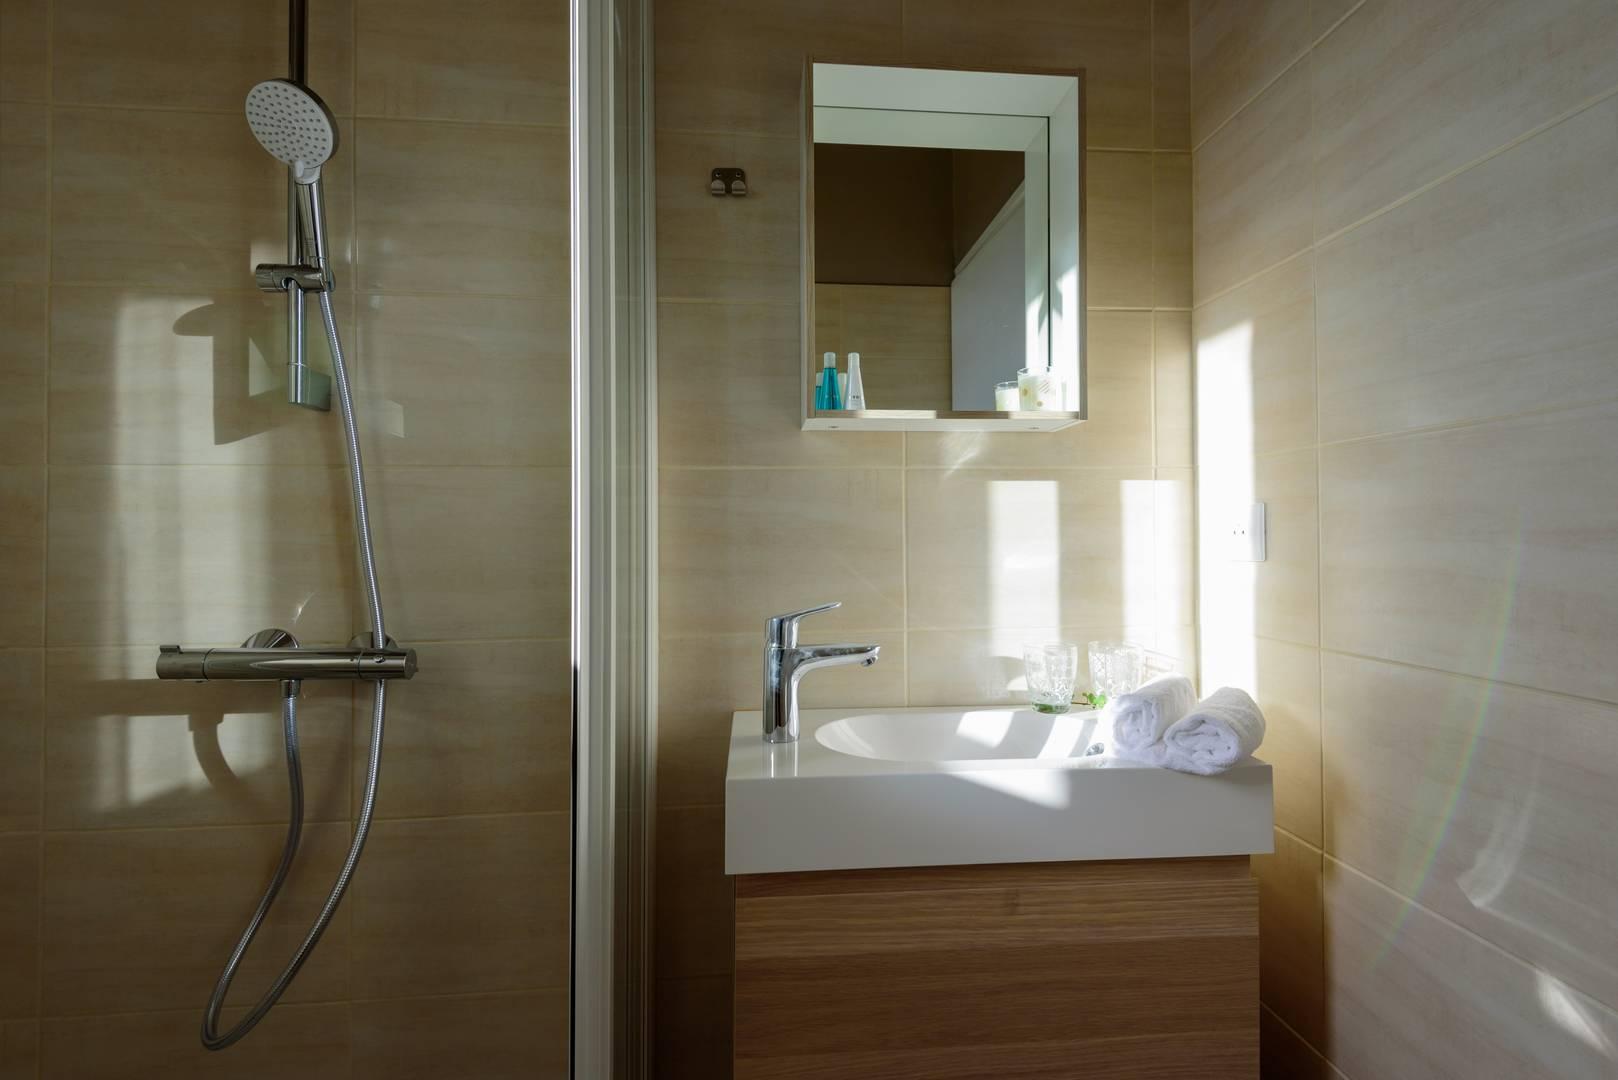 Douche chambre d'hôtel en Provence